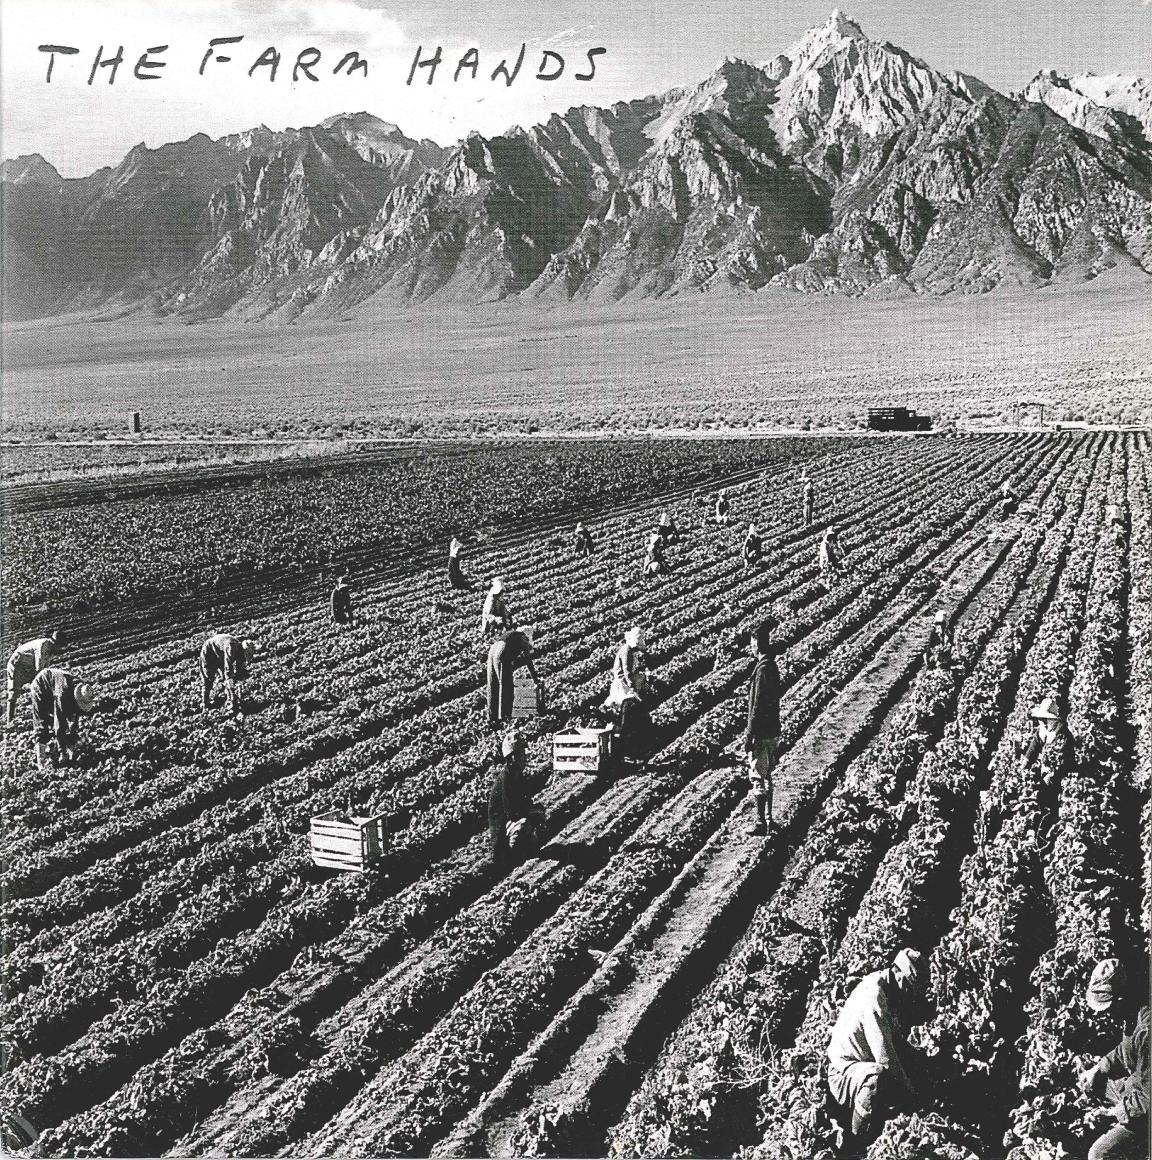 The Farm Hands - Working Man's Pardon Album Cover Front